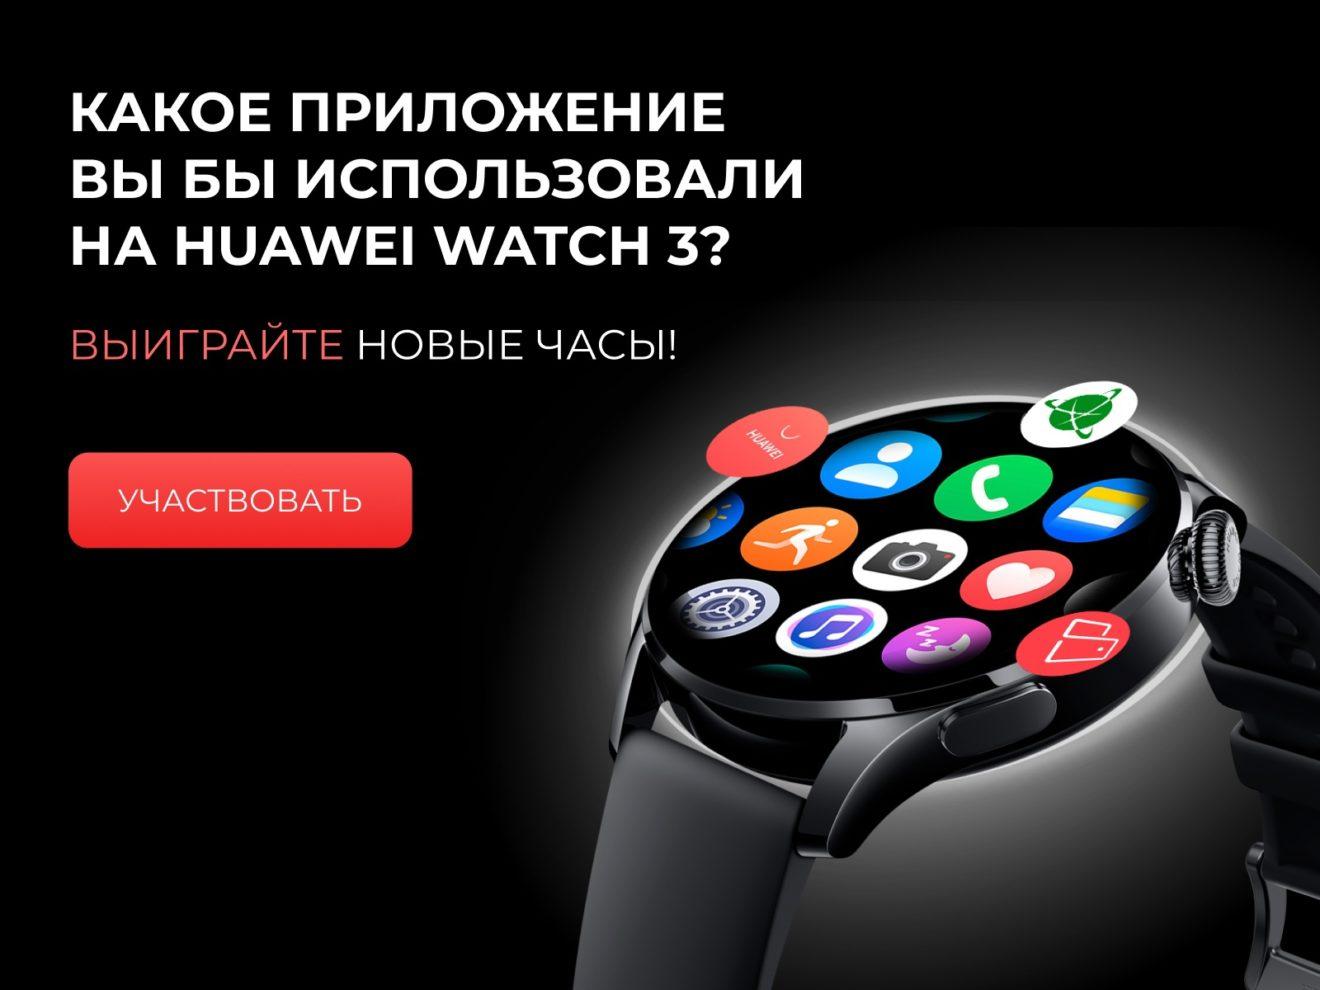 HUAWEI WATCH 3 Series выиграйте новые смарт-часы!